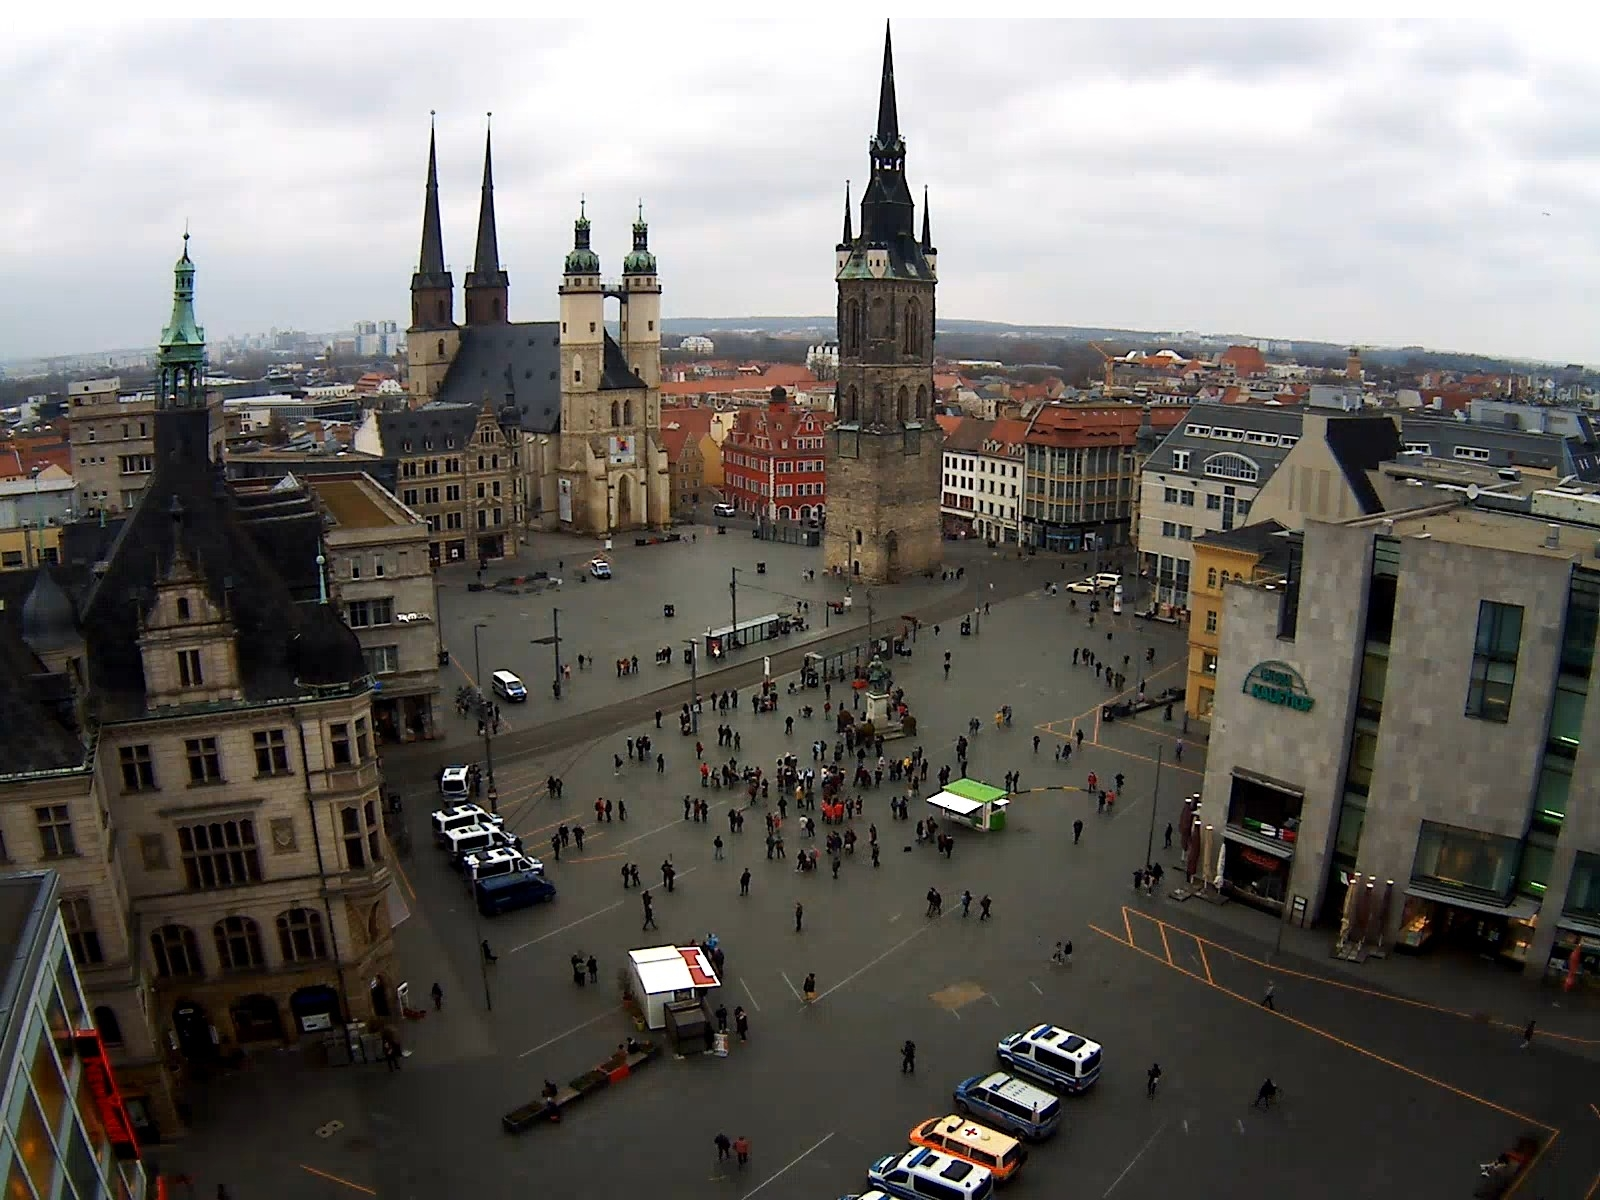 Der Marktplatz in Halle um 16:40 Uhr. Screen Webcam von ipcamlive.com